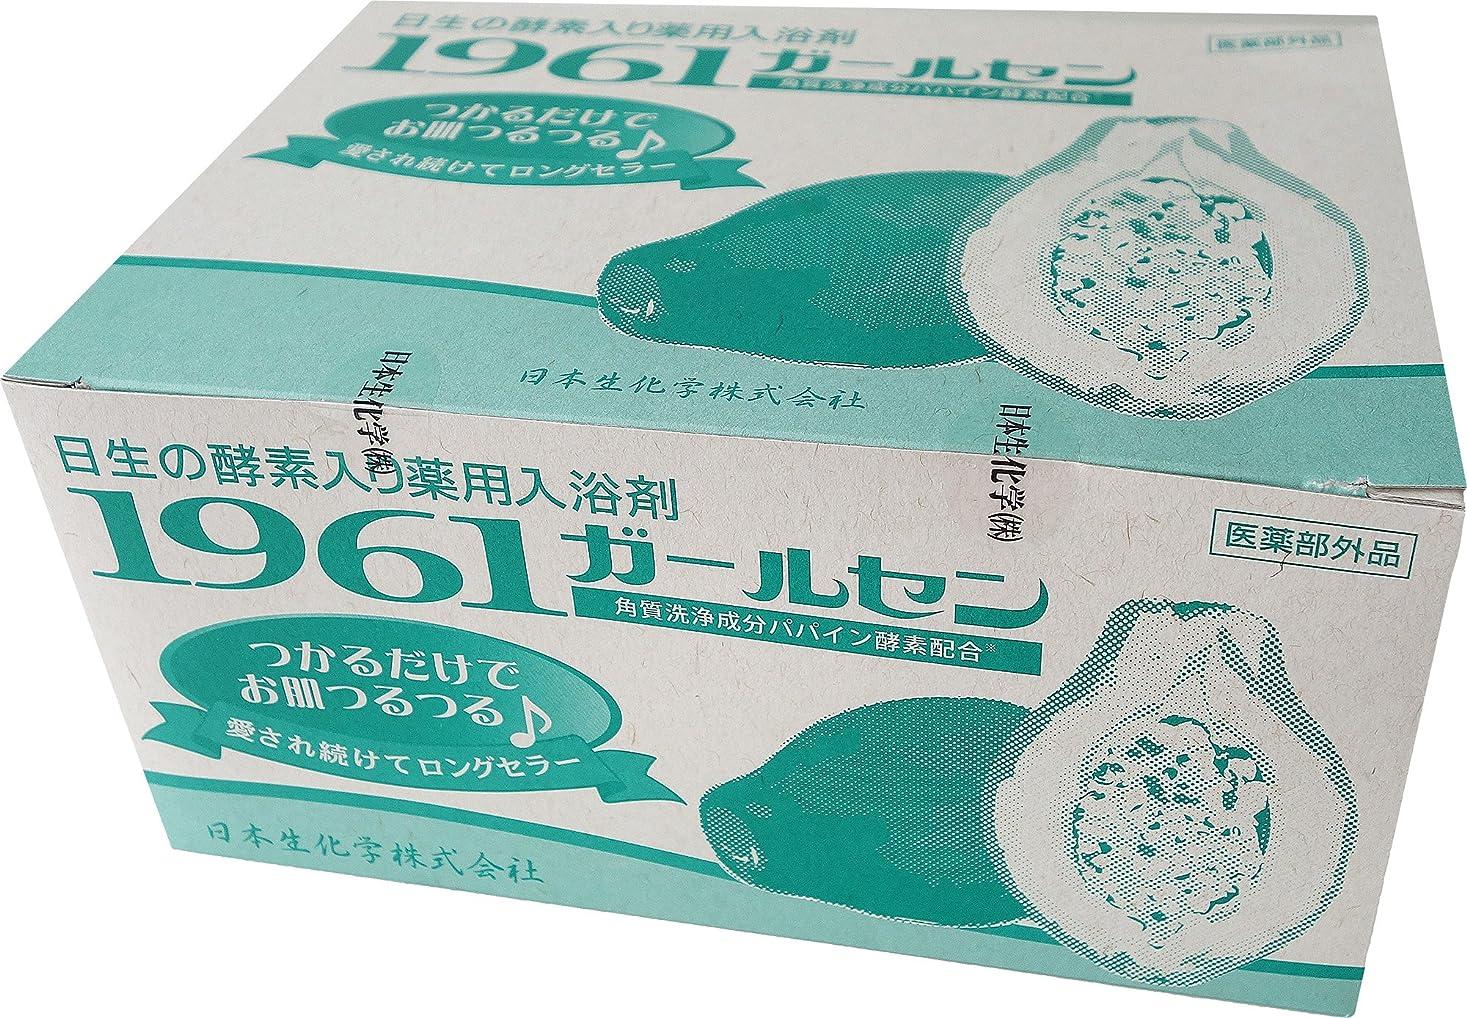 一般的な一月薄いパパイン酵素配合 薬用入浴剤 1961ガールセン 60包 [医薬部外品]